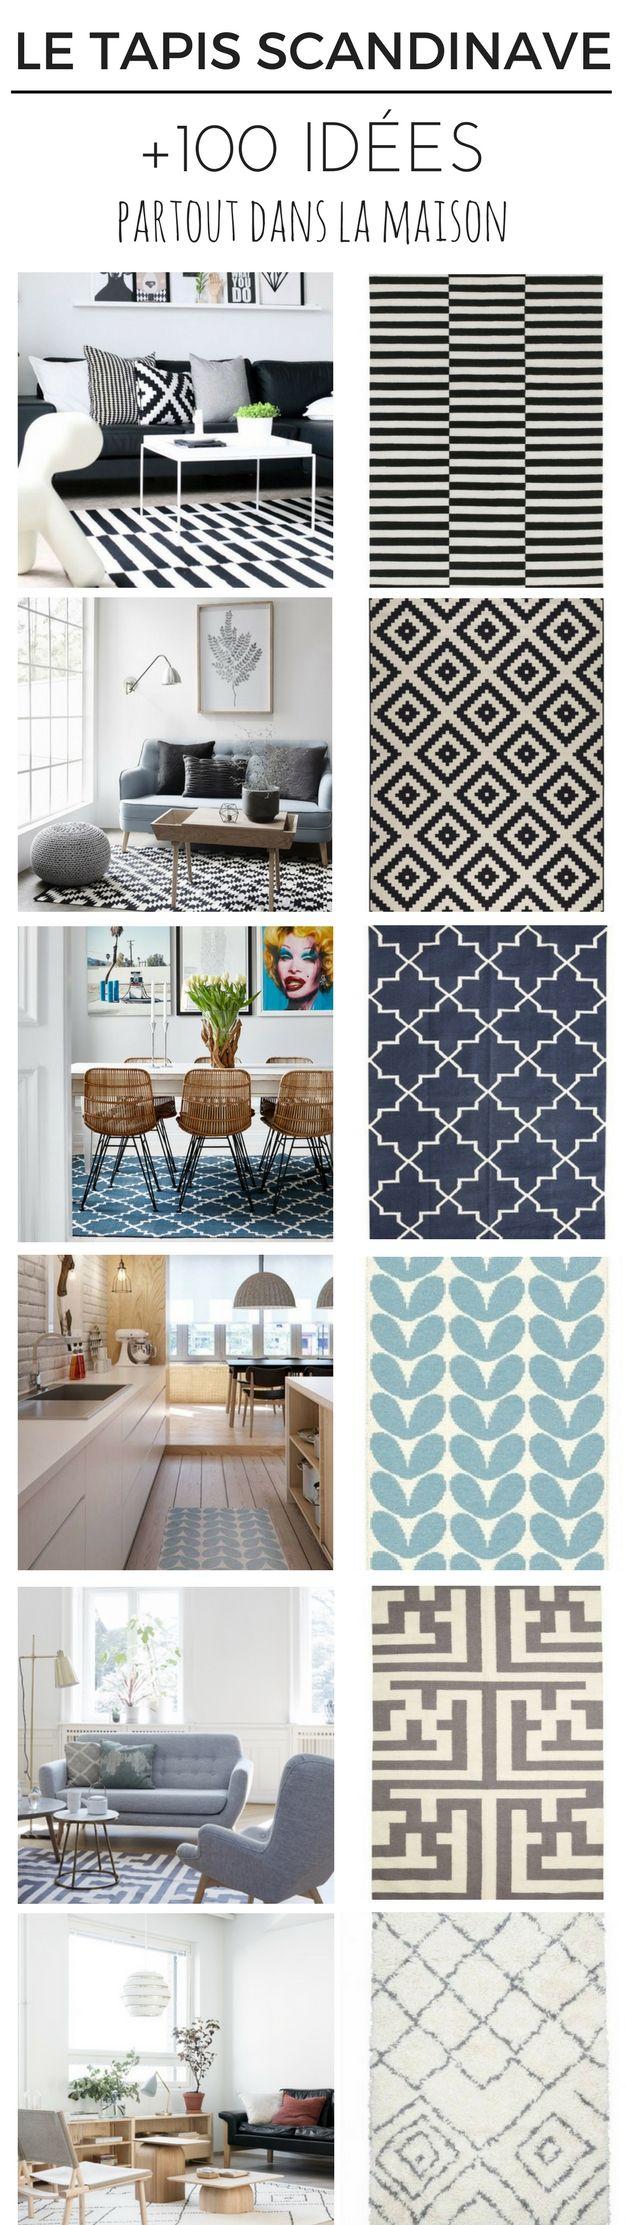 Le Tapis Scandinave : +100 Idées Partout Dans La maison ! http://www.homelisty.com/tapis-scandinave/